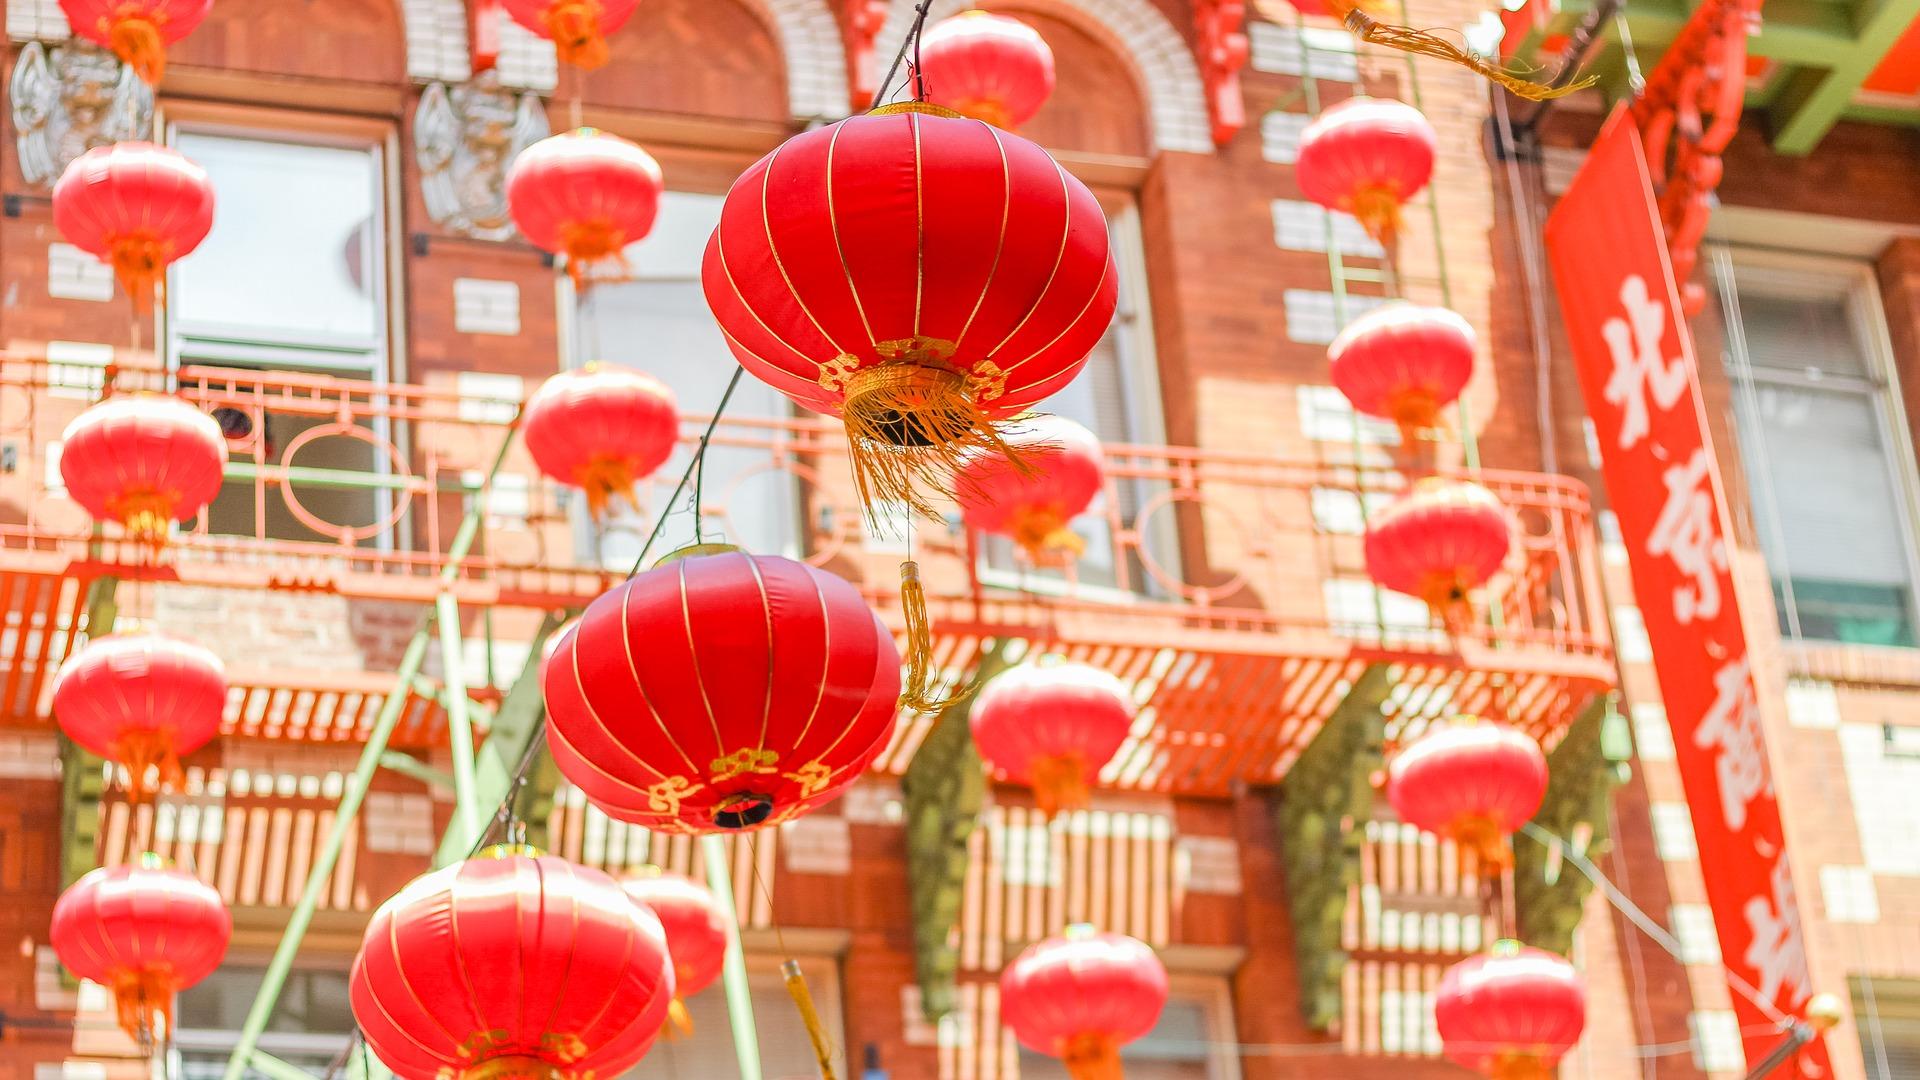 capodanno cinese lanterne